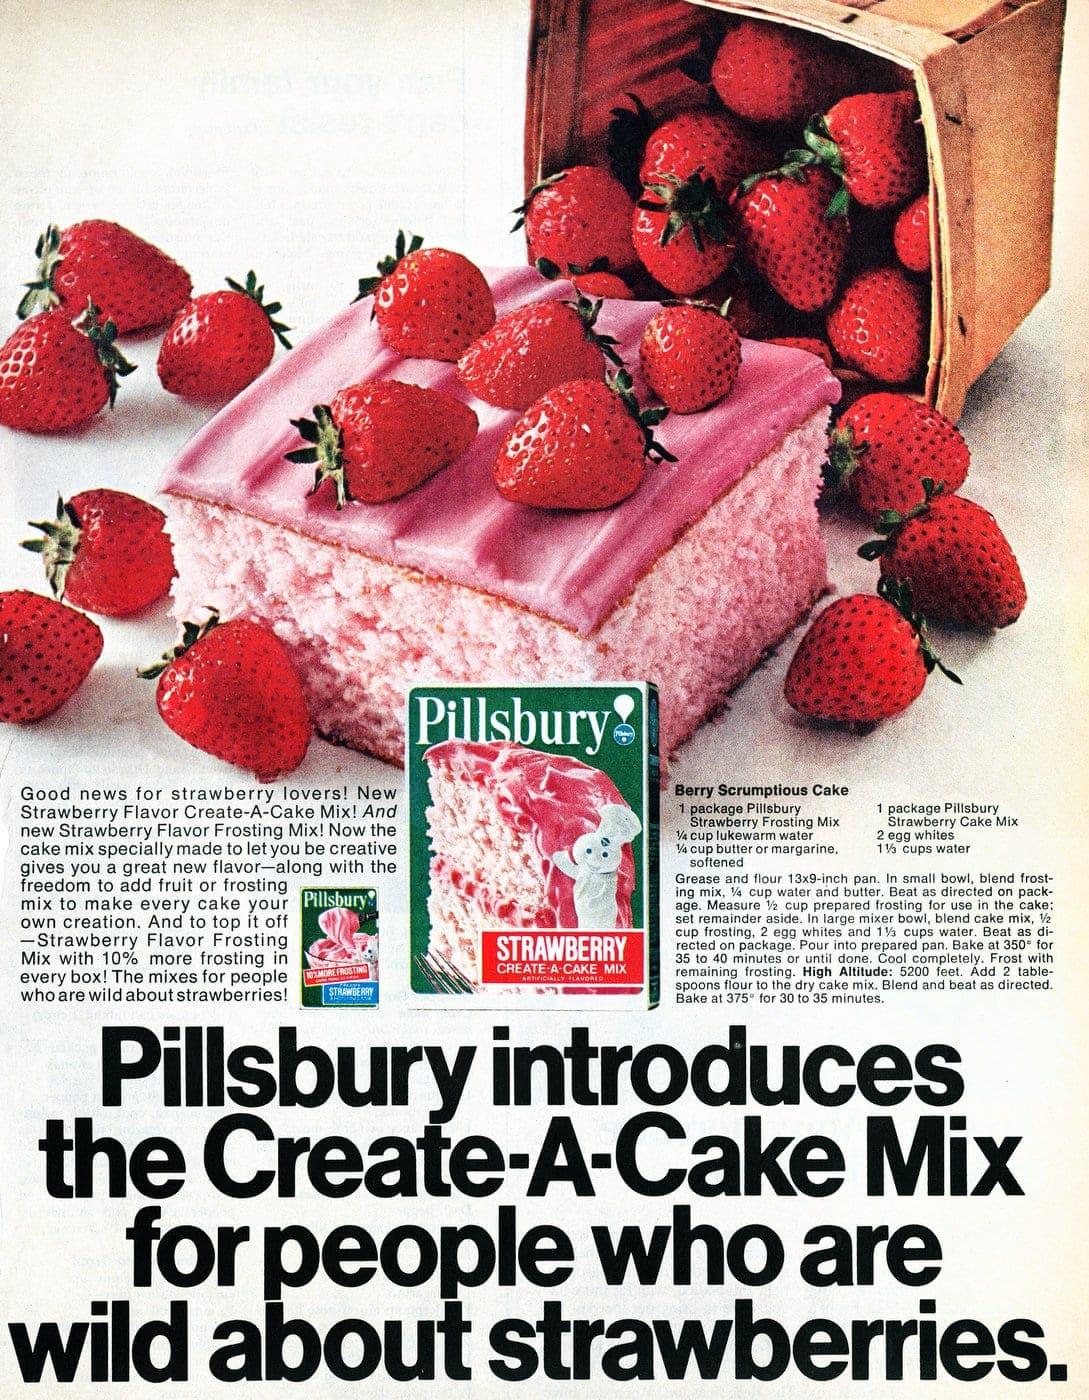 70s Pillsbury strawberry cake mix (1971)